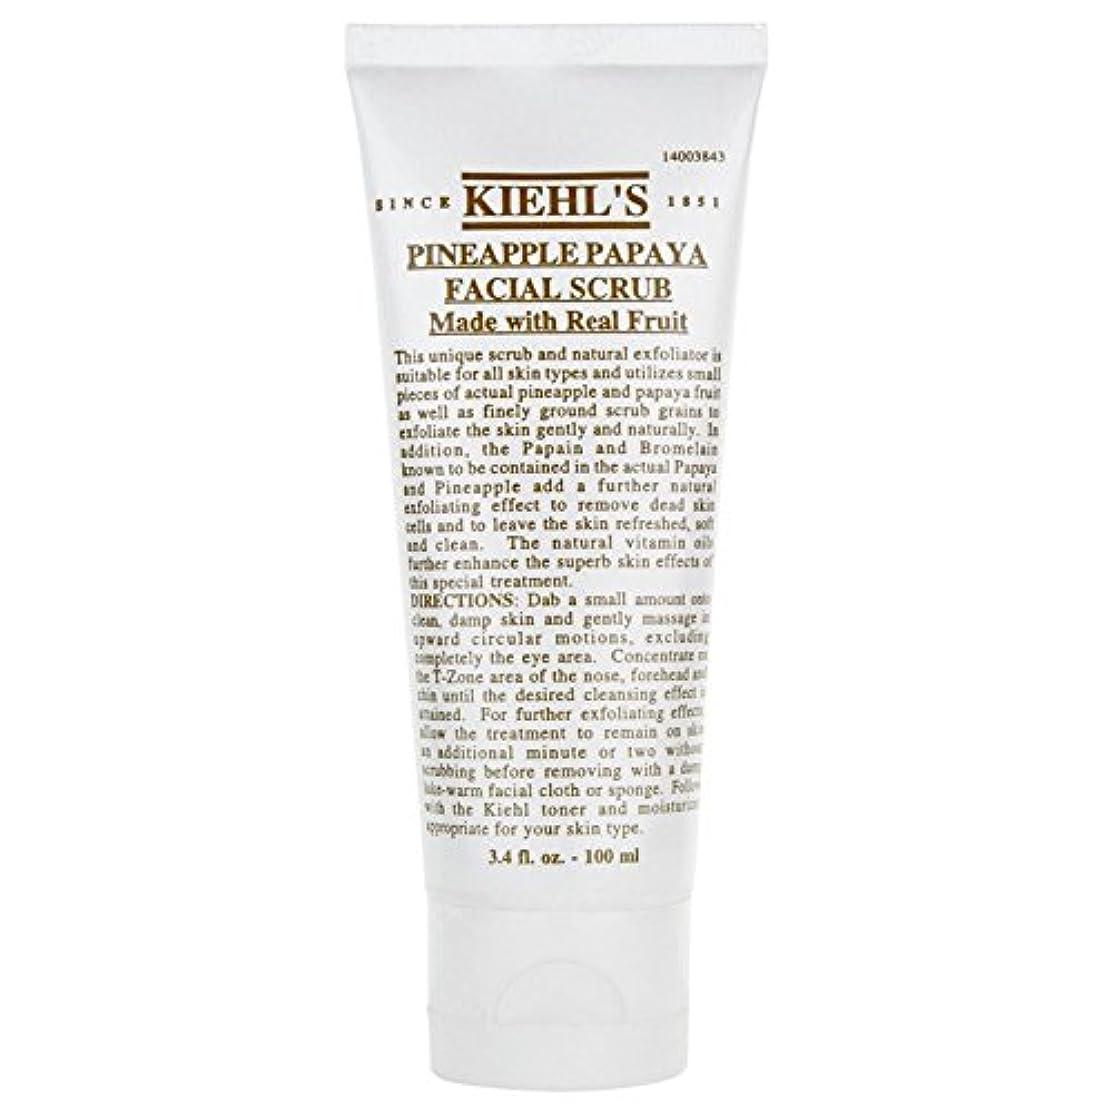 プレゼントドールシーサイド[Kiehl's] キールズパイナップルパパイヤフェイシャルスクラブ100ミリリットル - Kiehl's Pineapple Papaya Facial Scrub 100ml [並行輸入品]